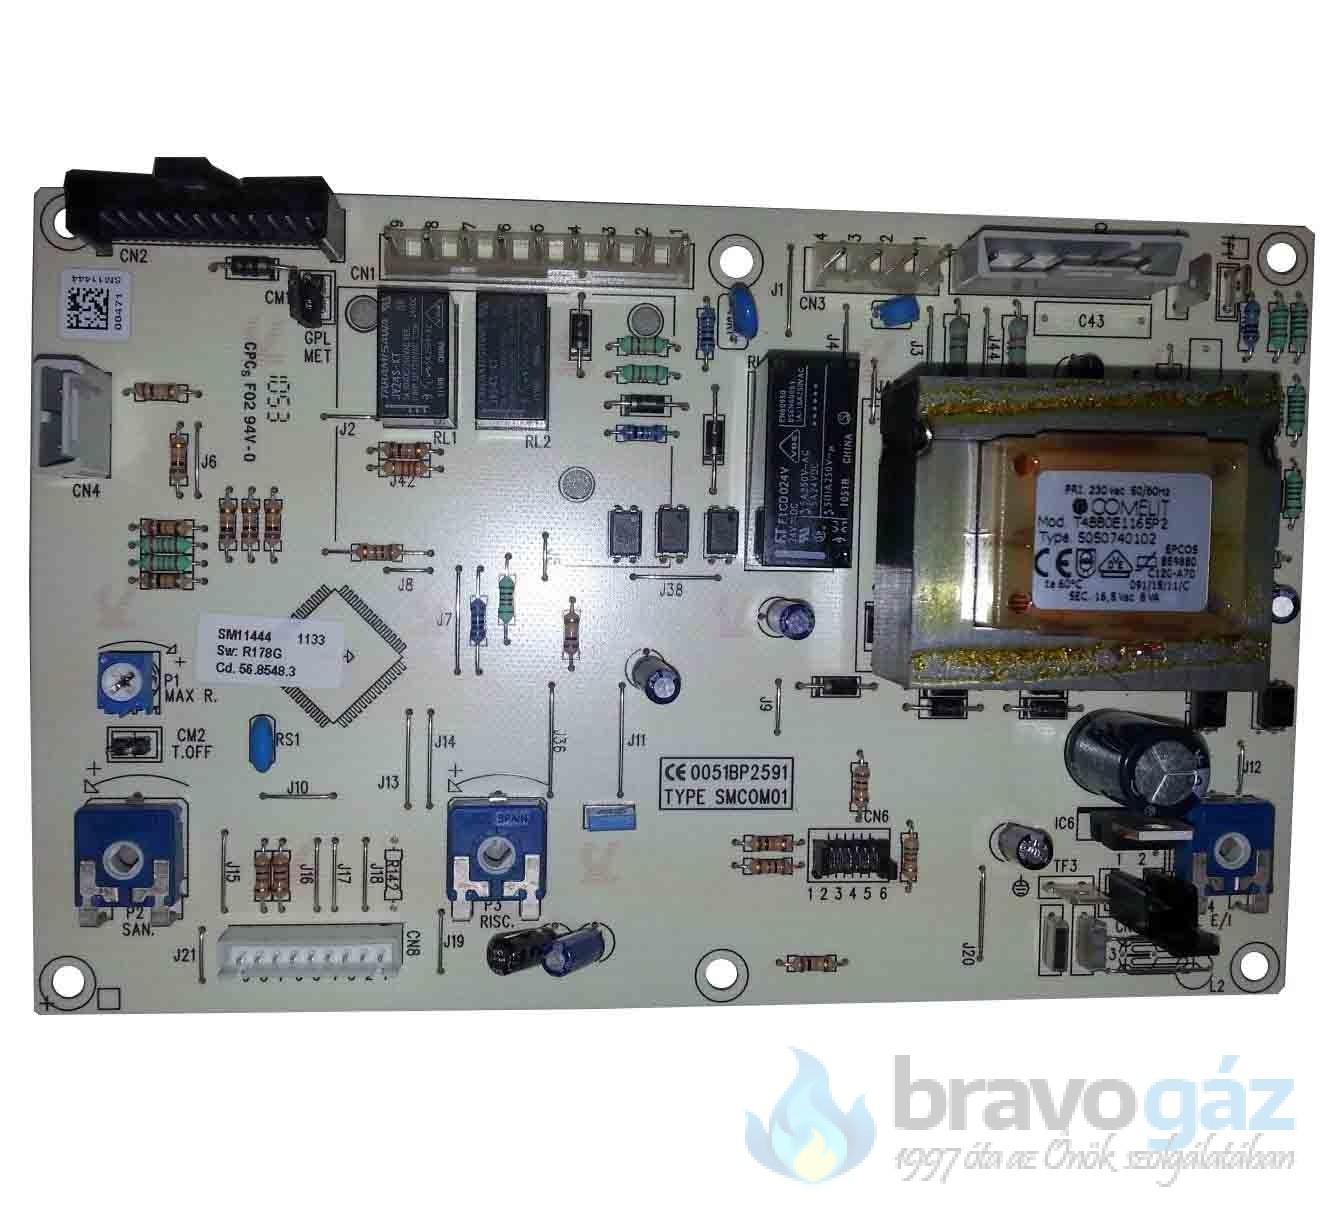 BAXI vezérlőpanel HONEYWELL STEP MOTOR (Régi: 5668020, 5669660) - JJJ005685480